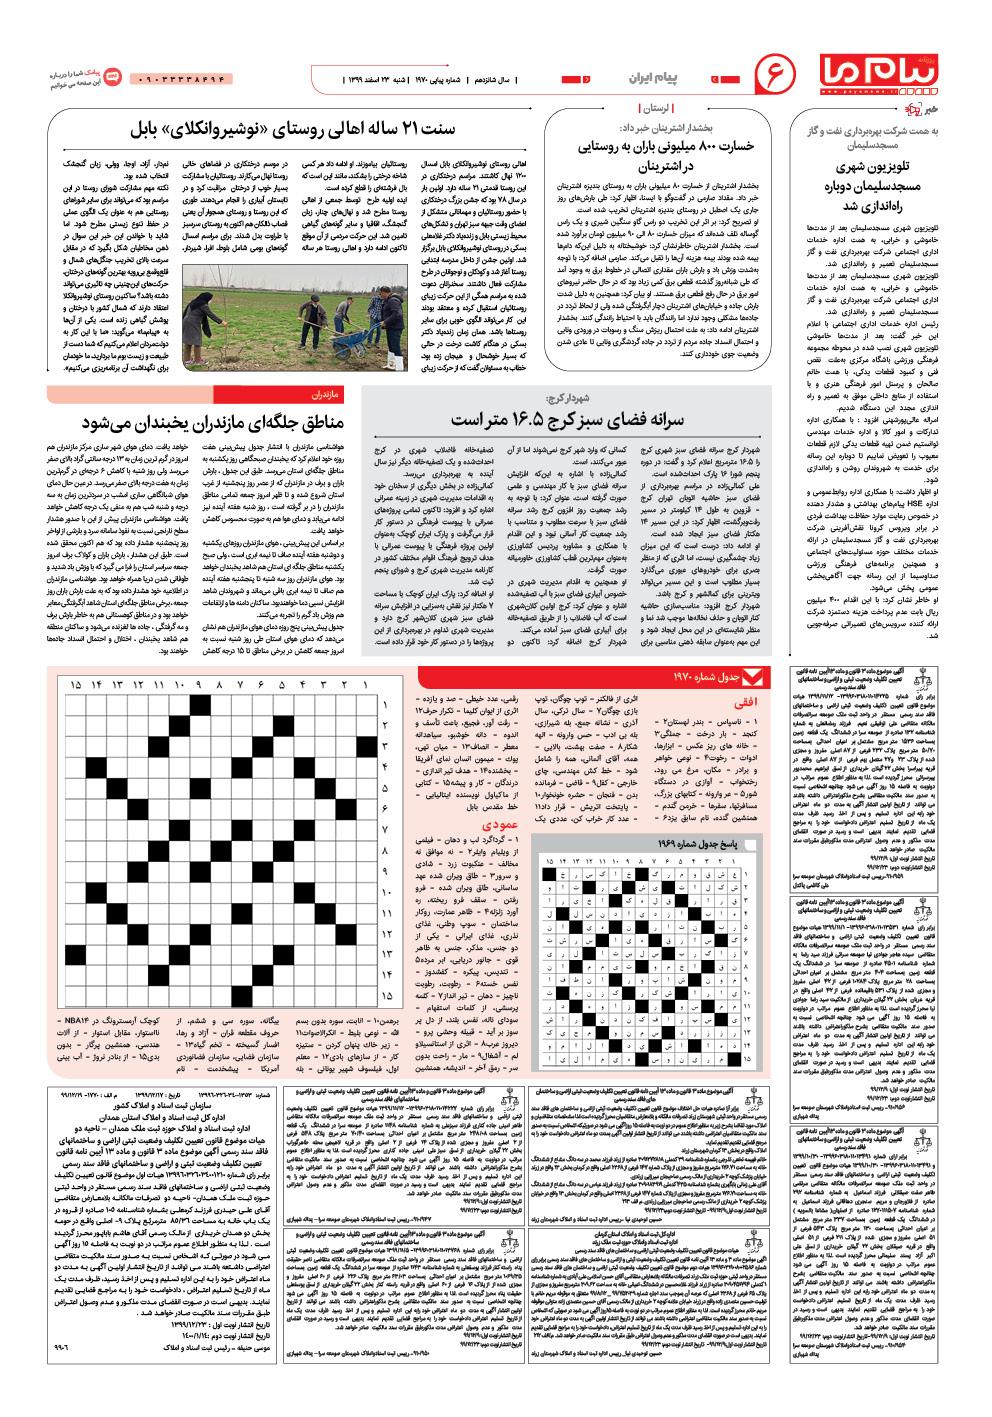 صفحه پیام ایران شماره ۱۹۷۰ روزنامه پیام ما